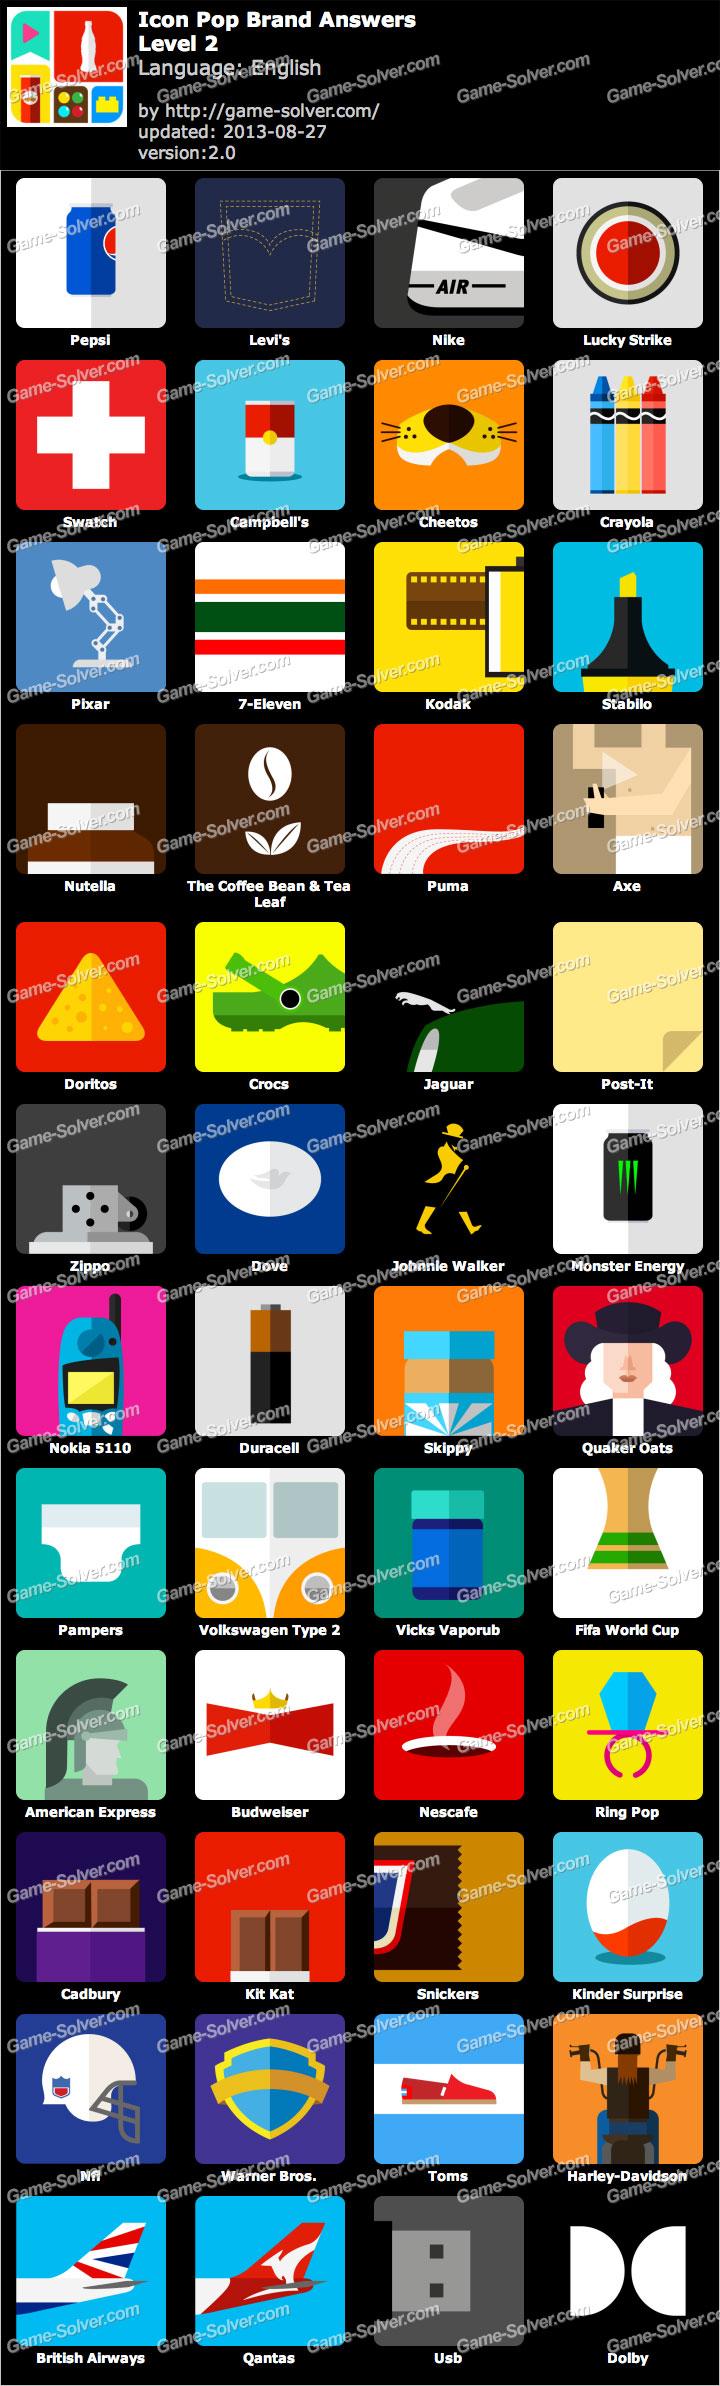 Icon Pop Brand Level 2